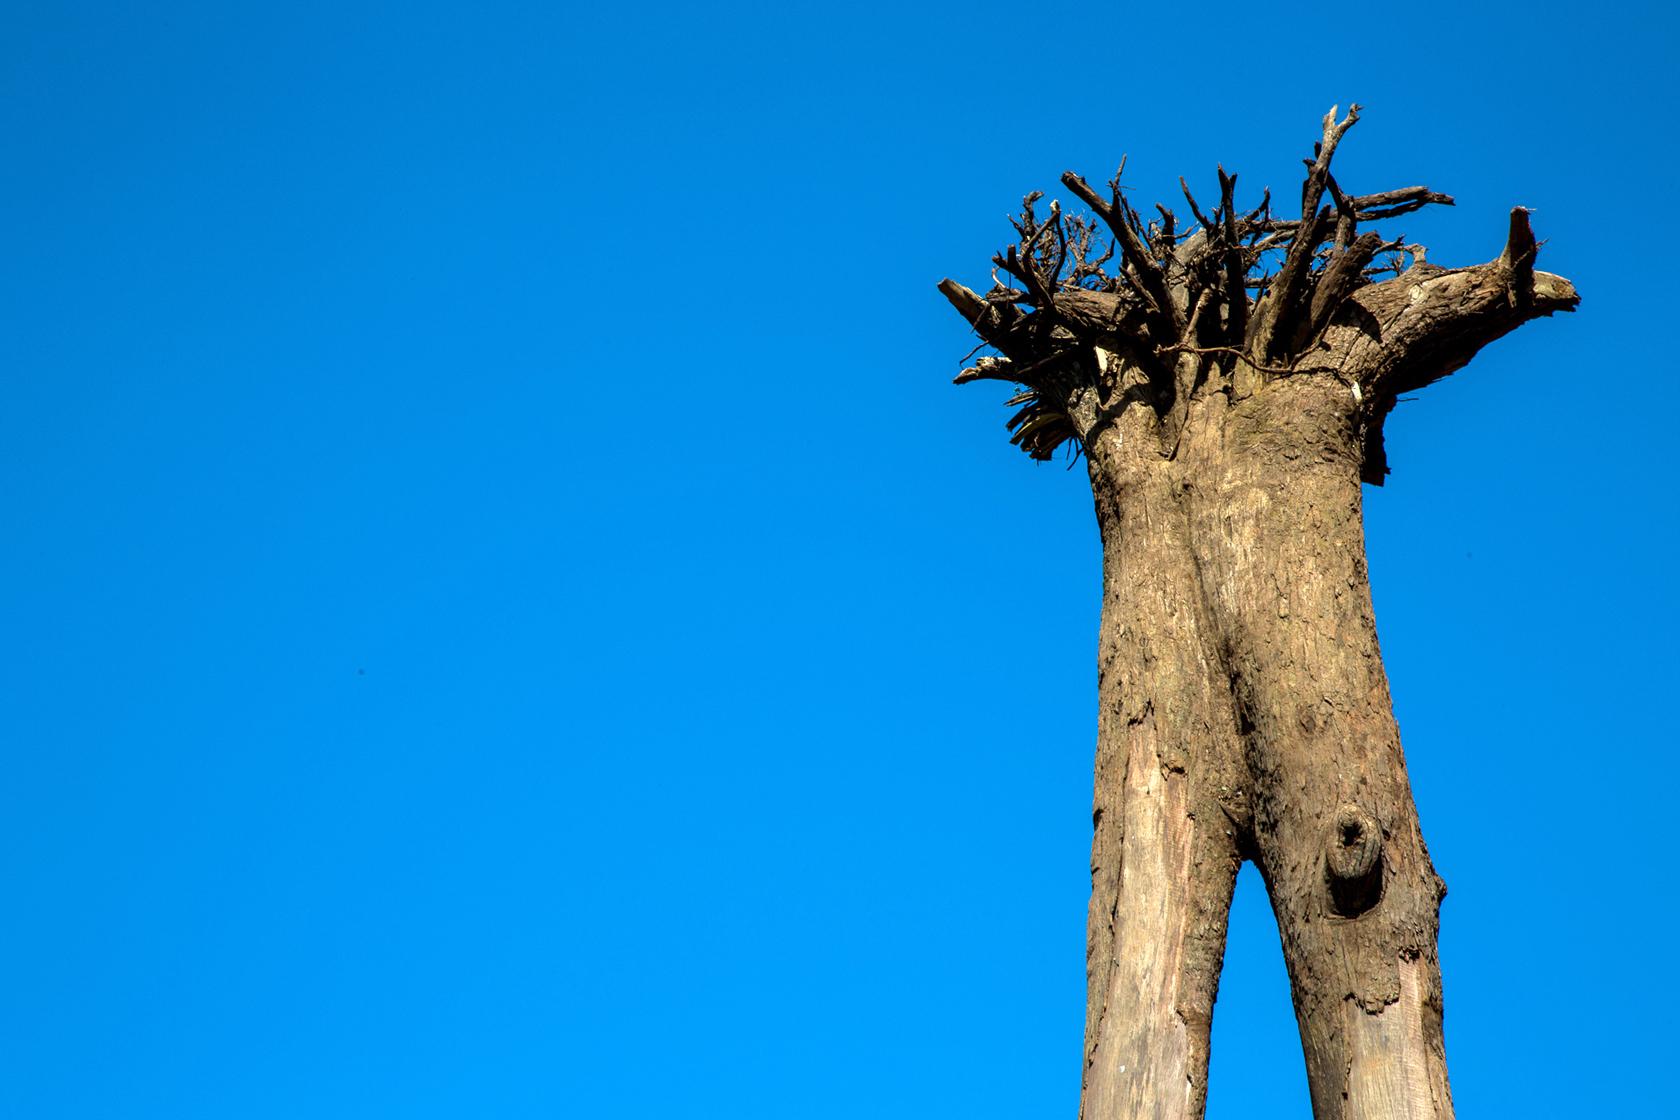 Intervenção urbana Árvores Caídas de Eduardo Srur com produção da Attack Intervenções Urbanas.